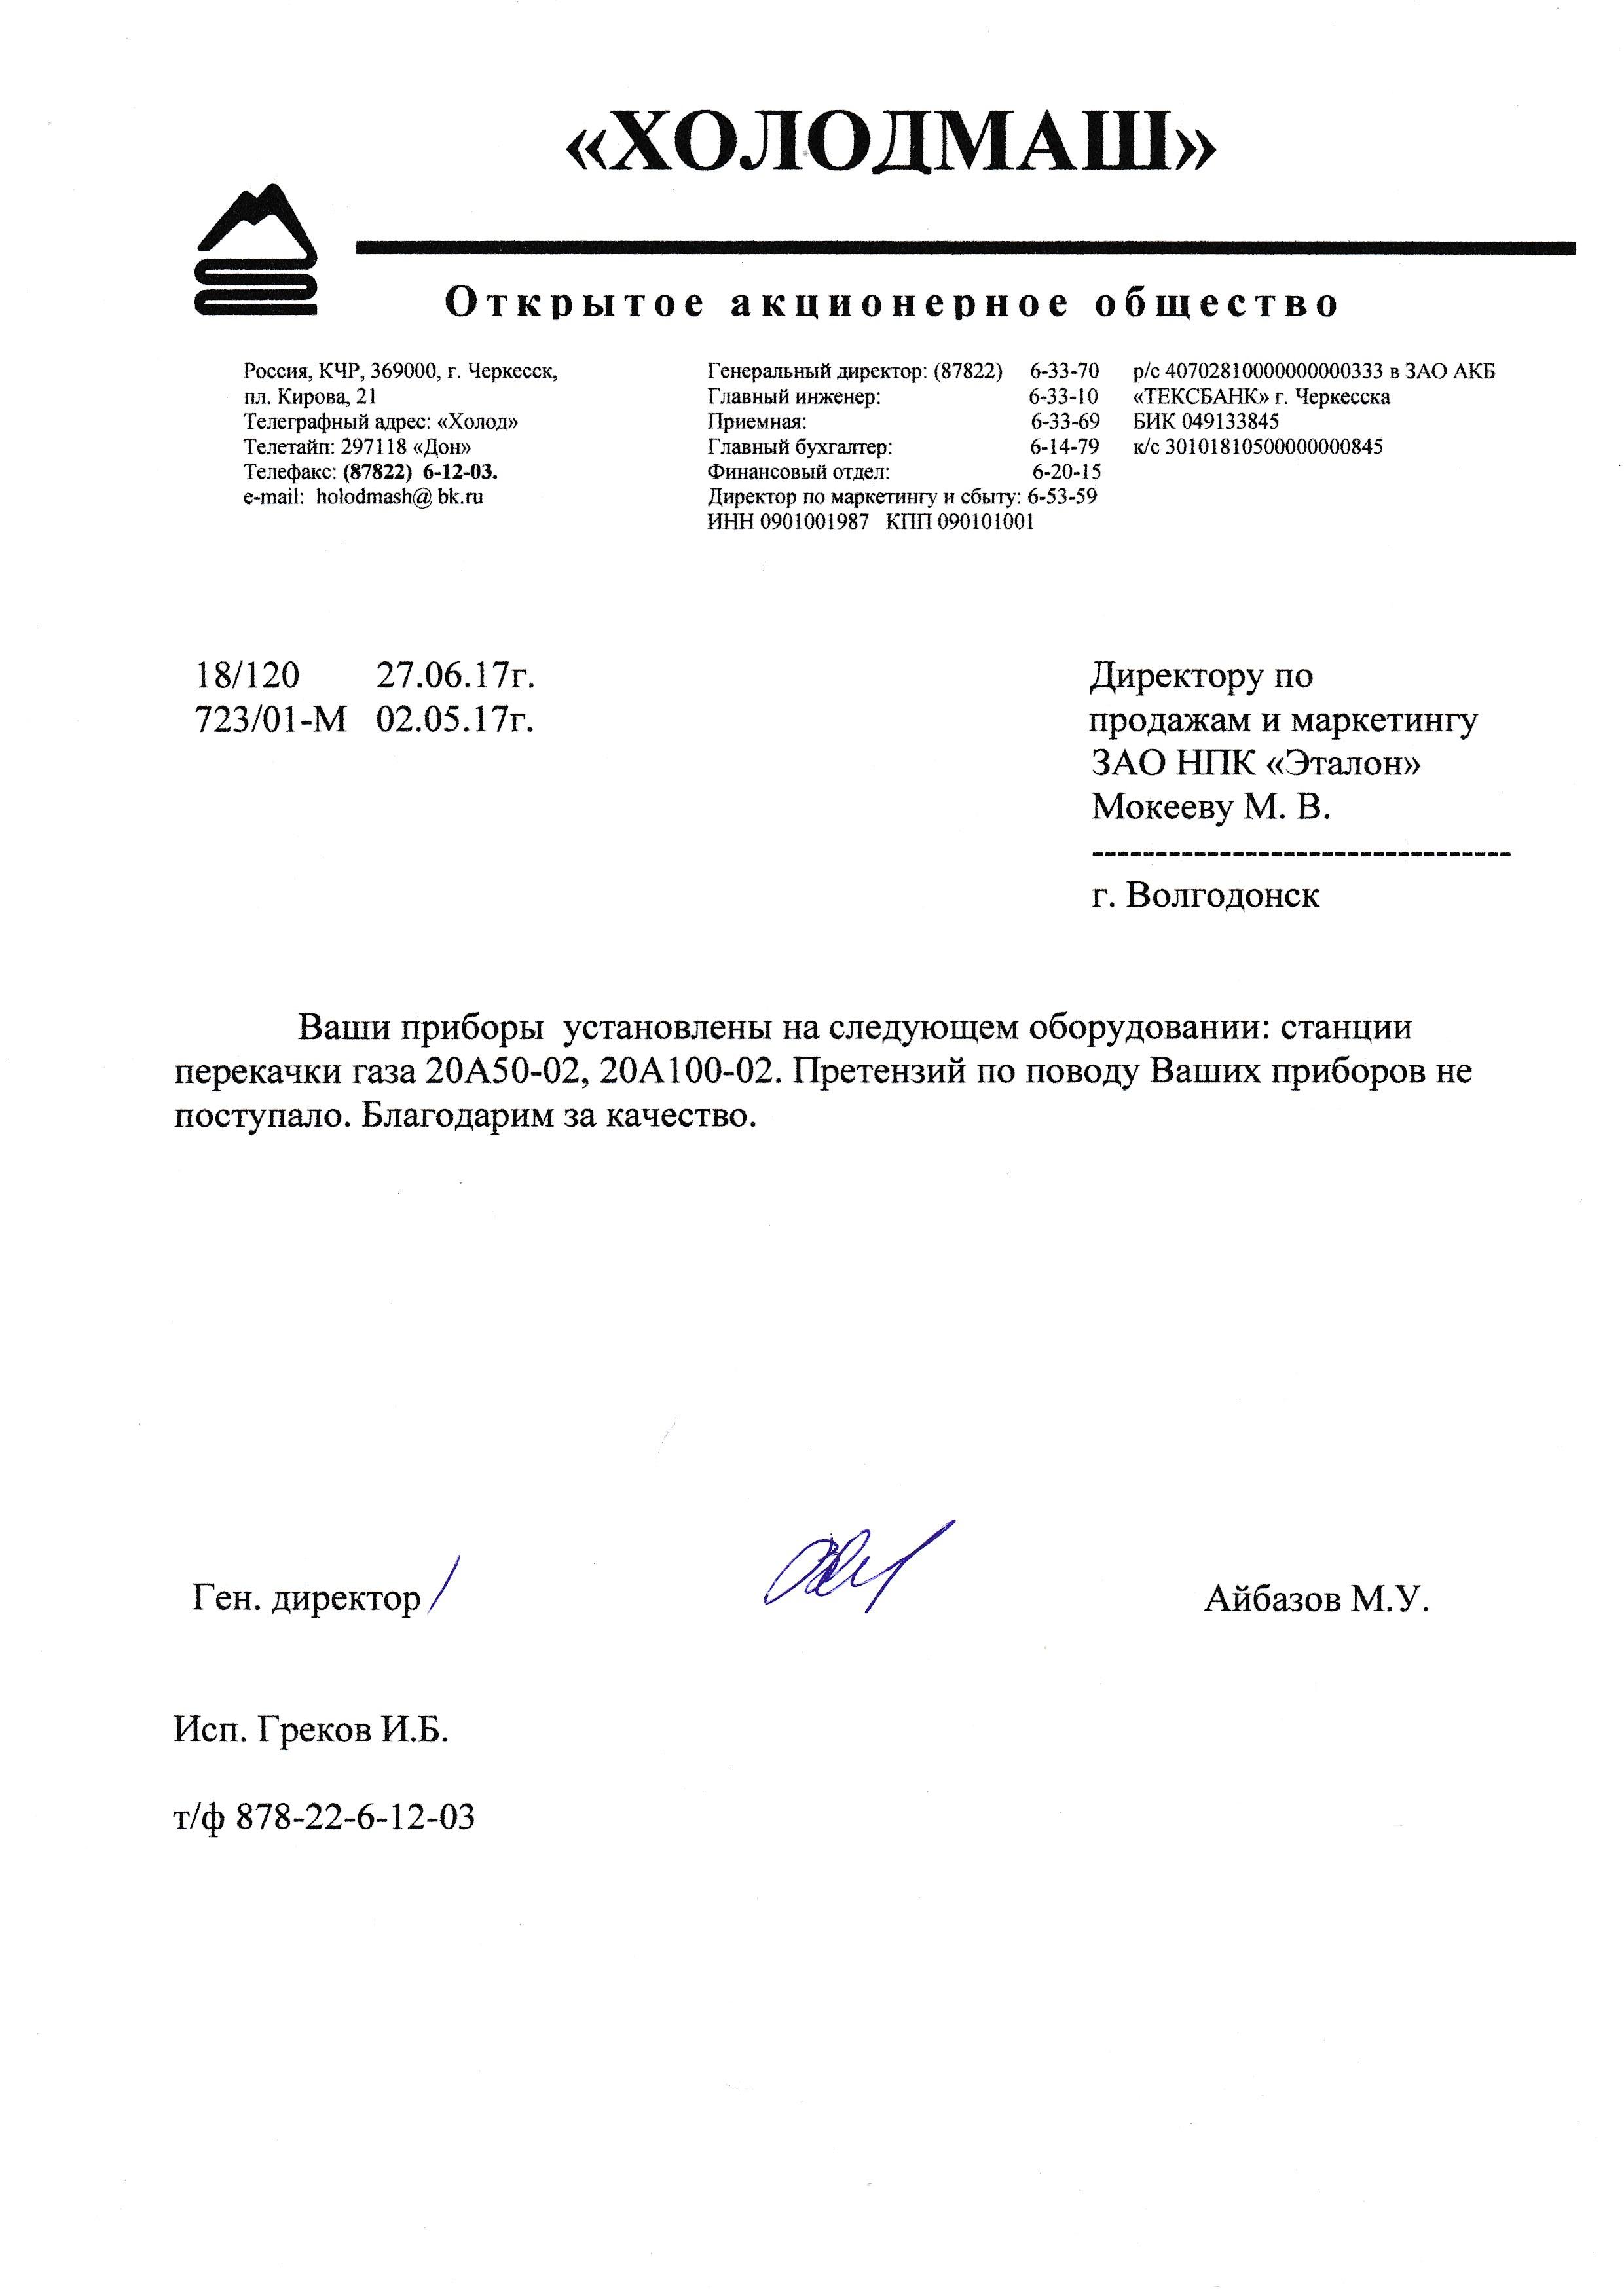 9yanvarya_mini